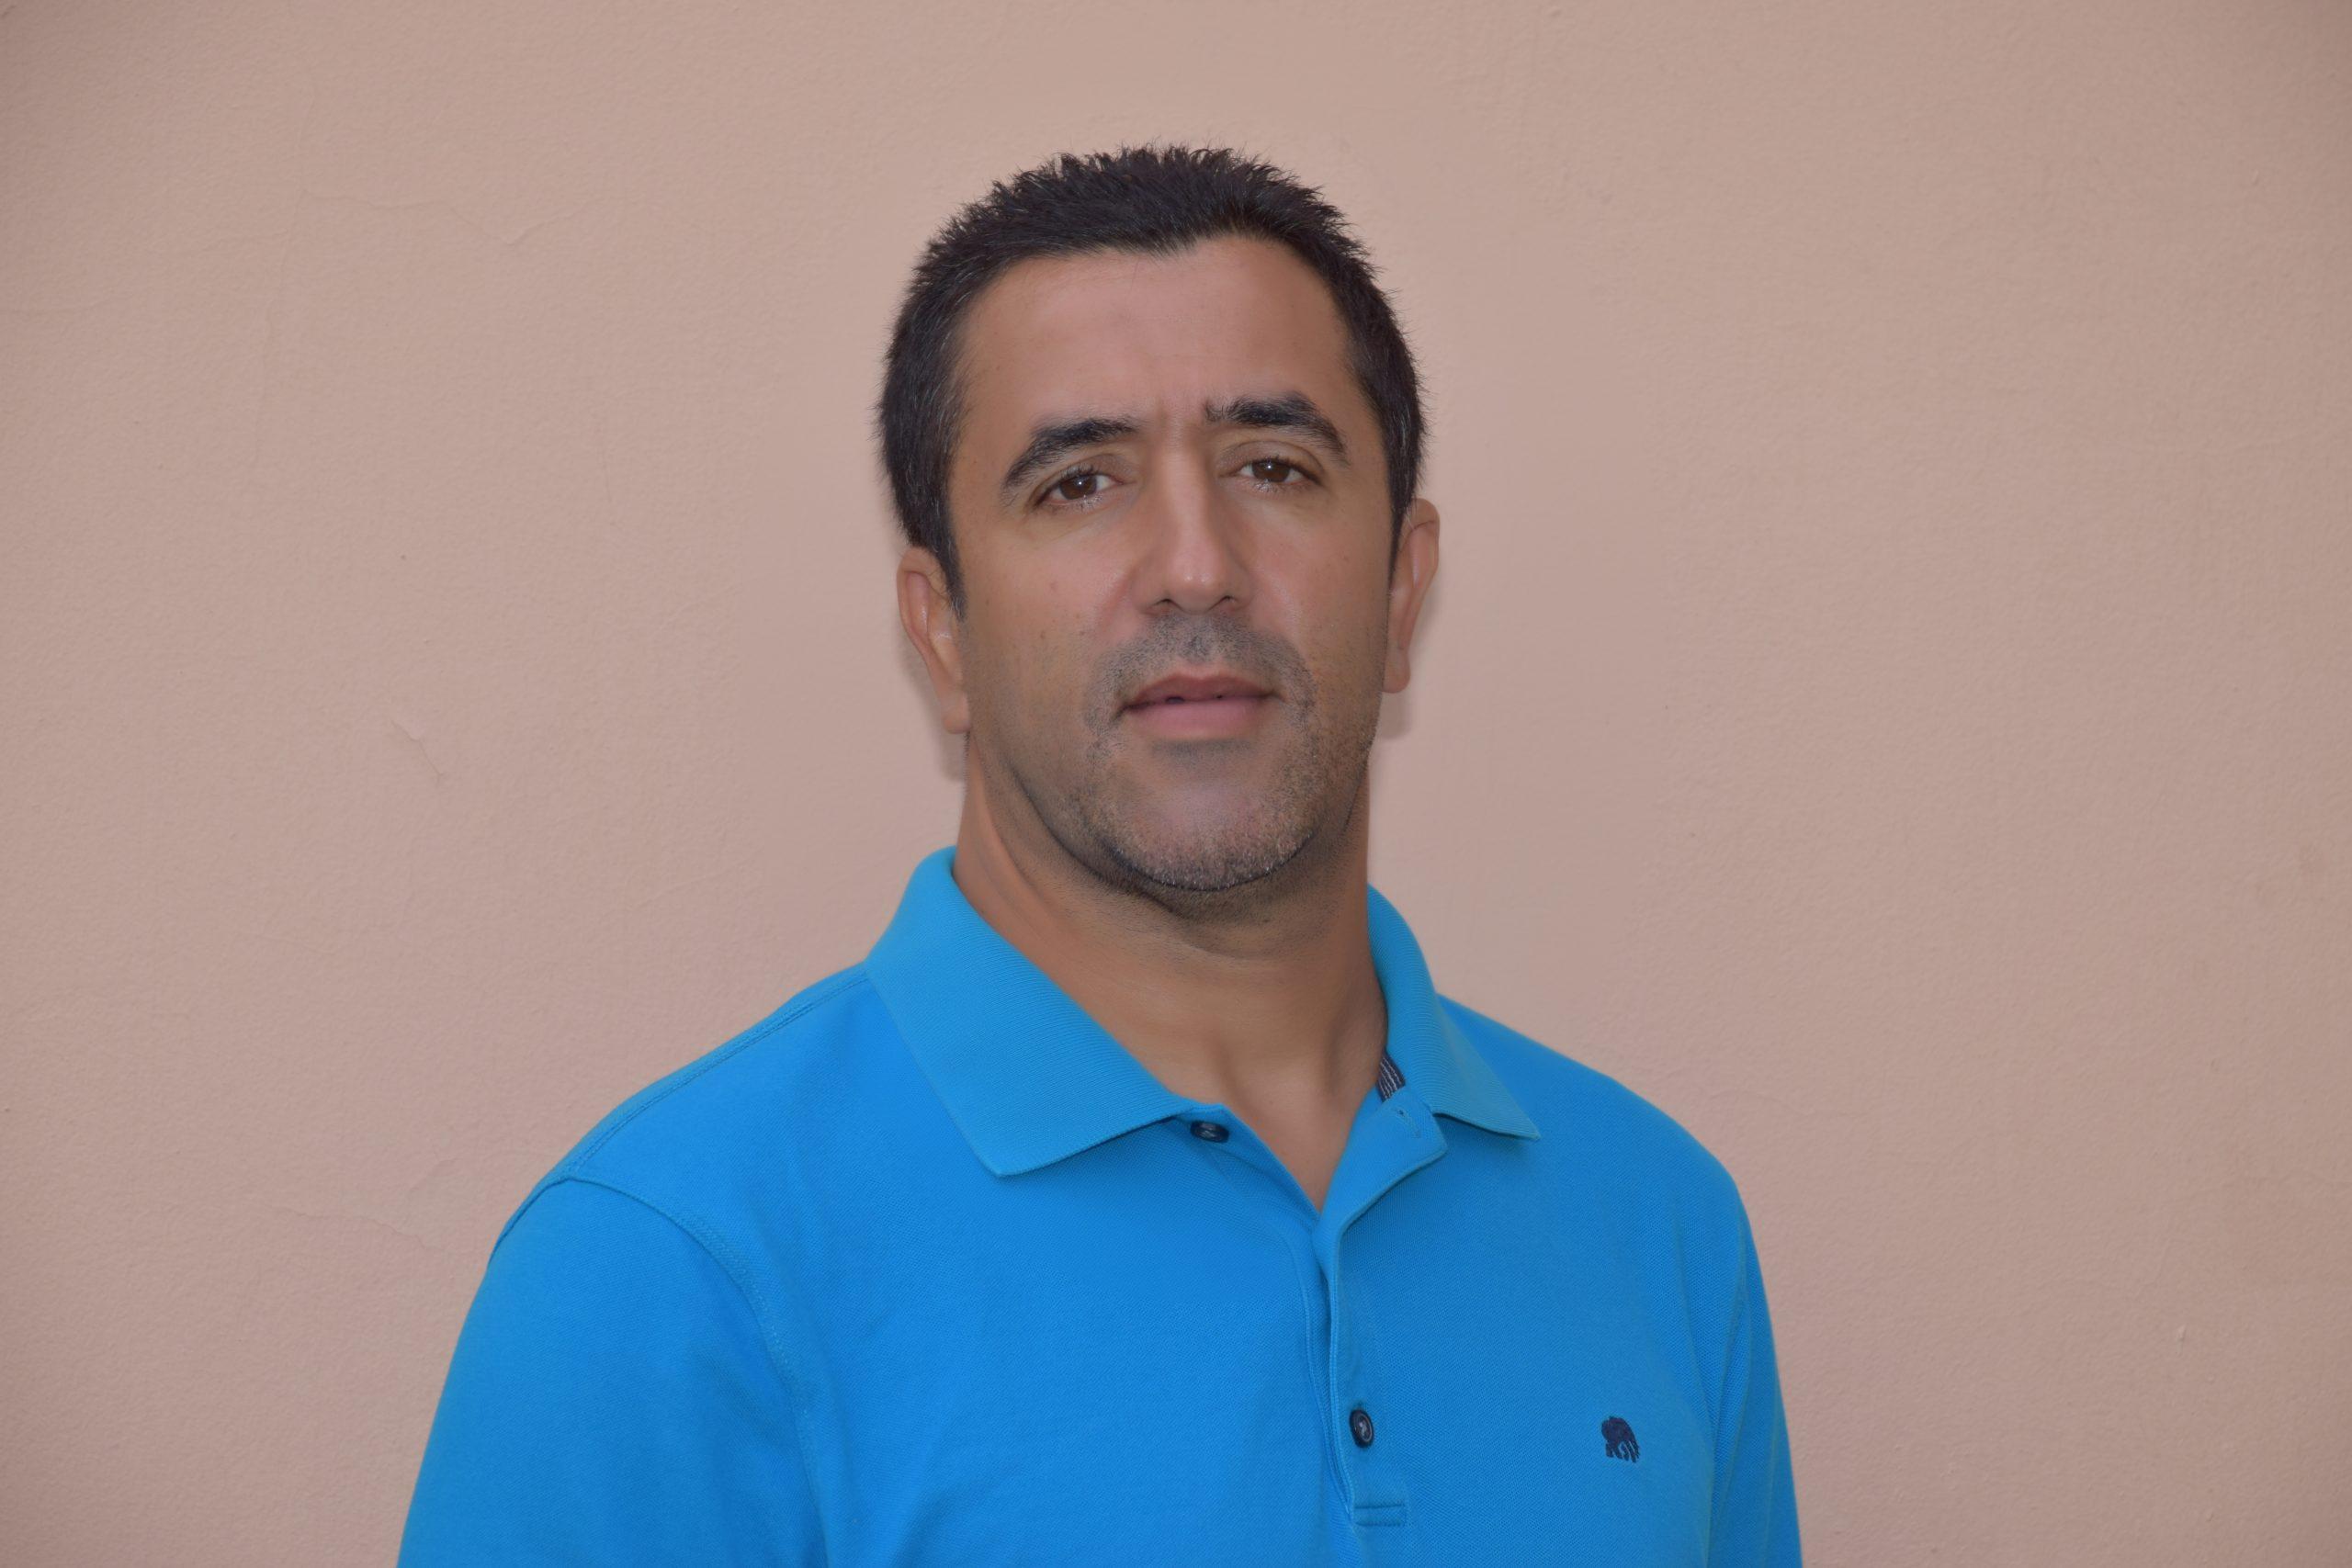 Abdou Lahmamsi